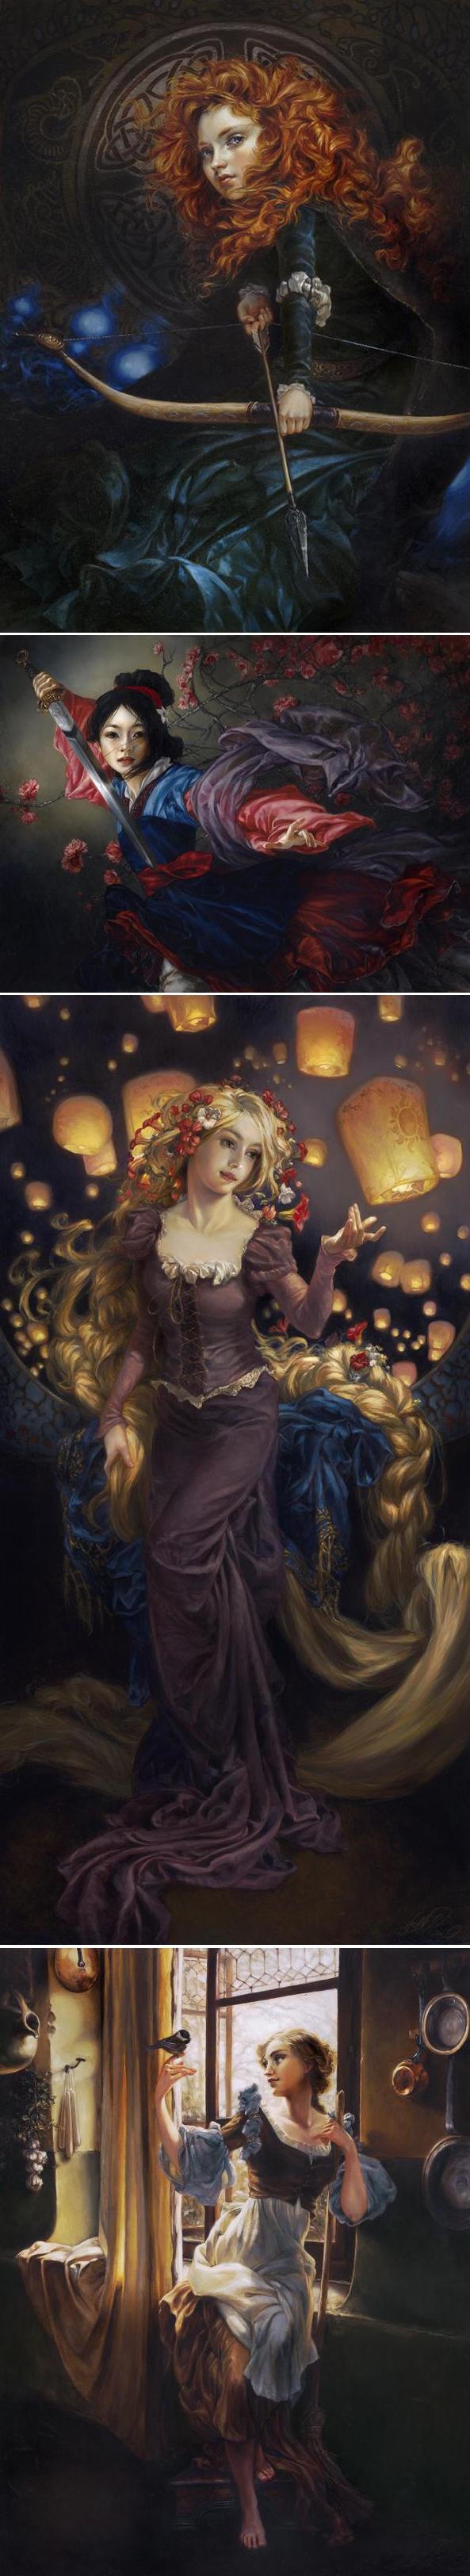 princesas da disney ilustradas com perfeição.